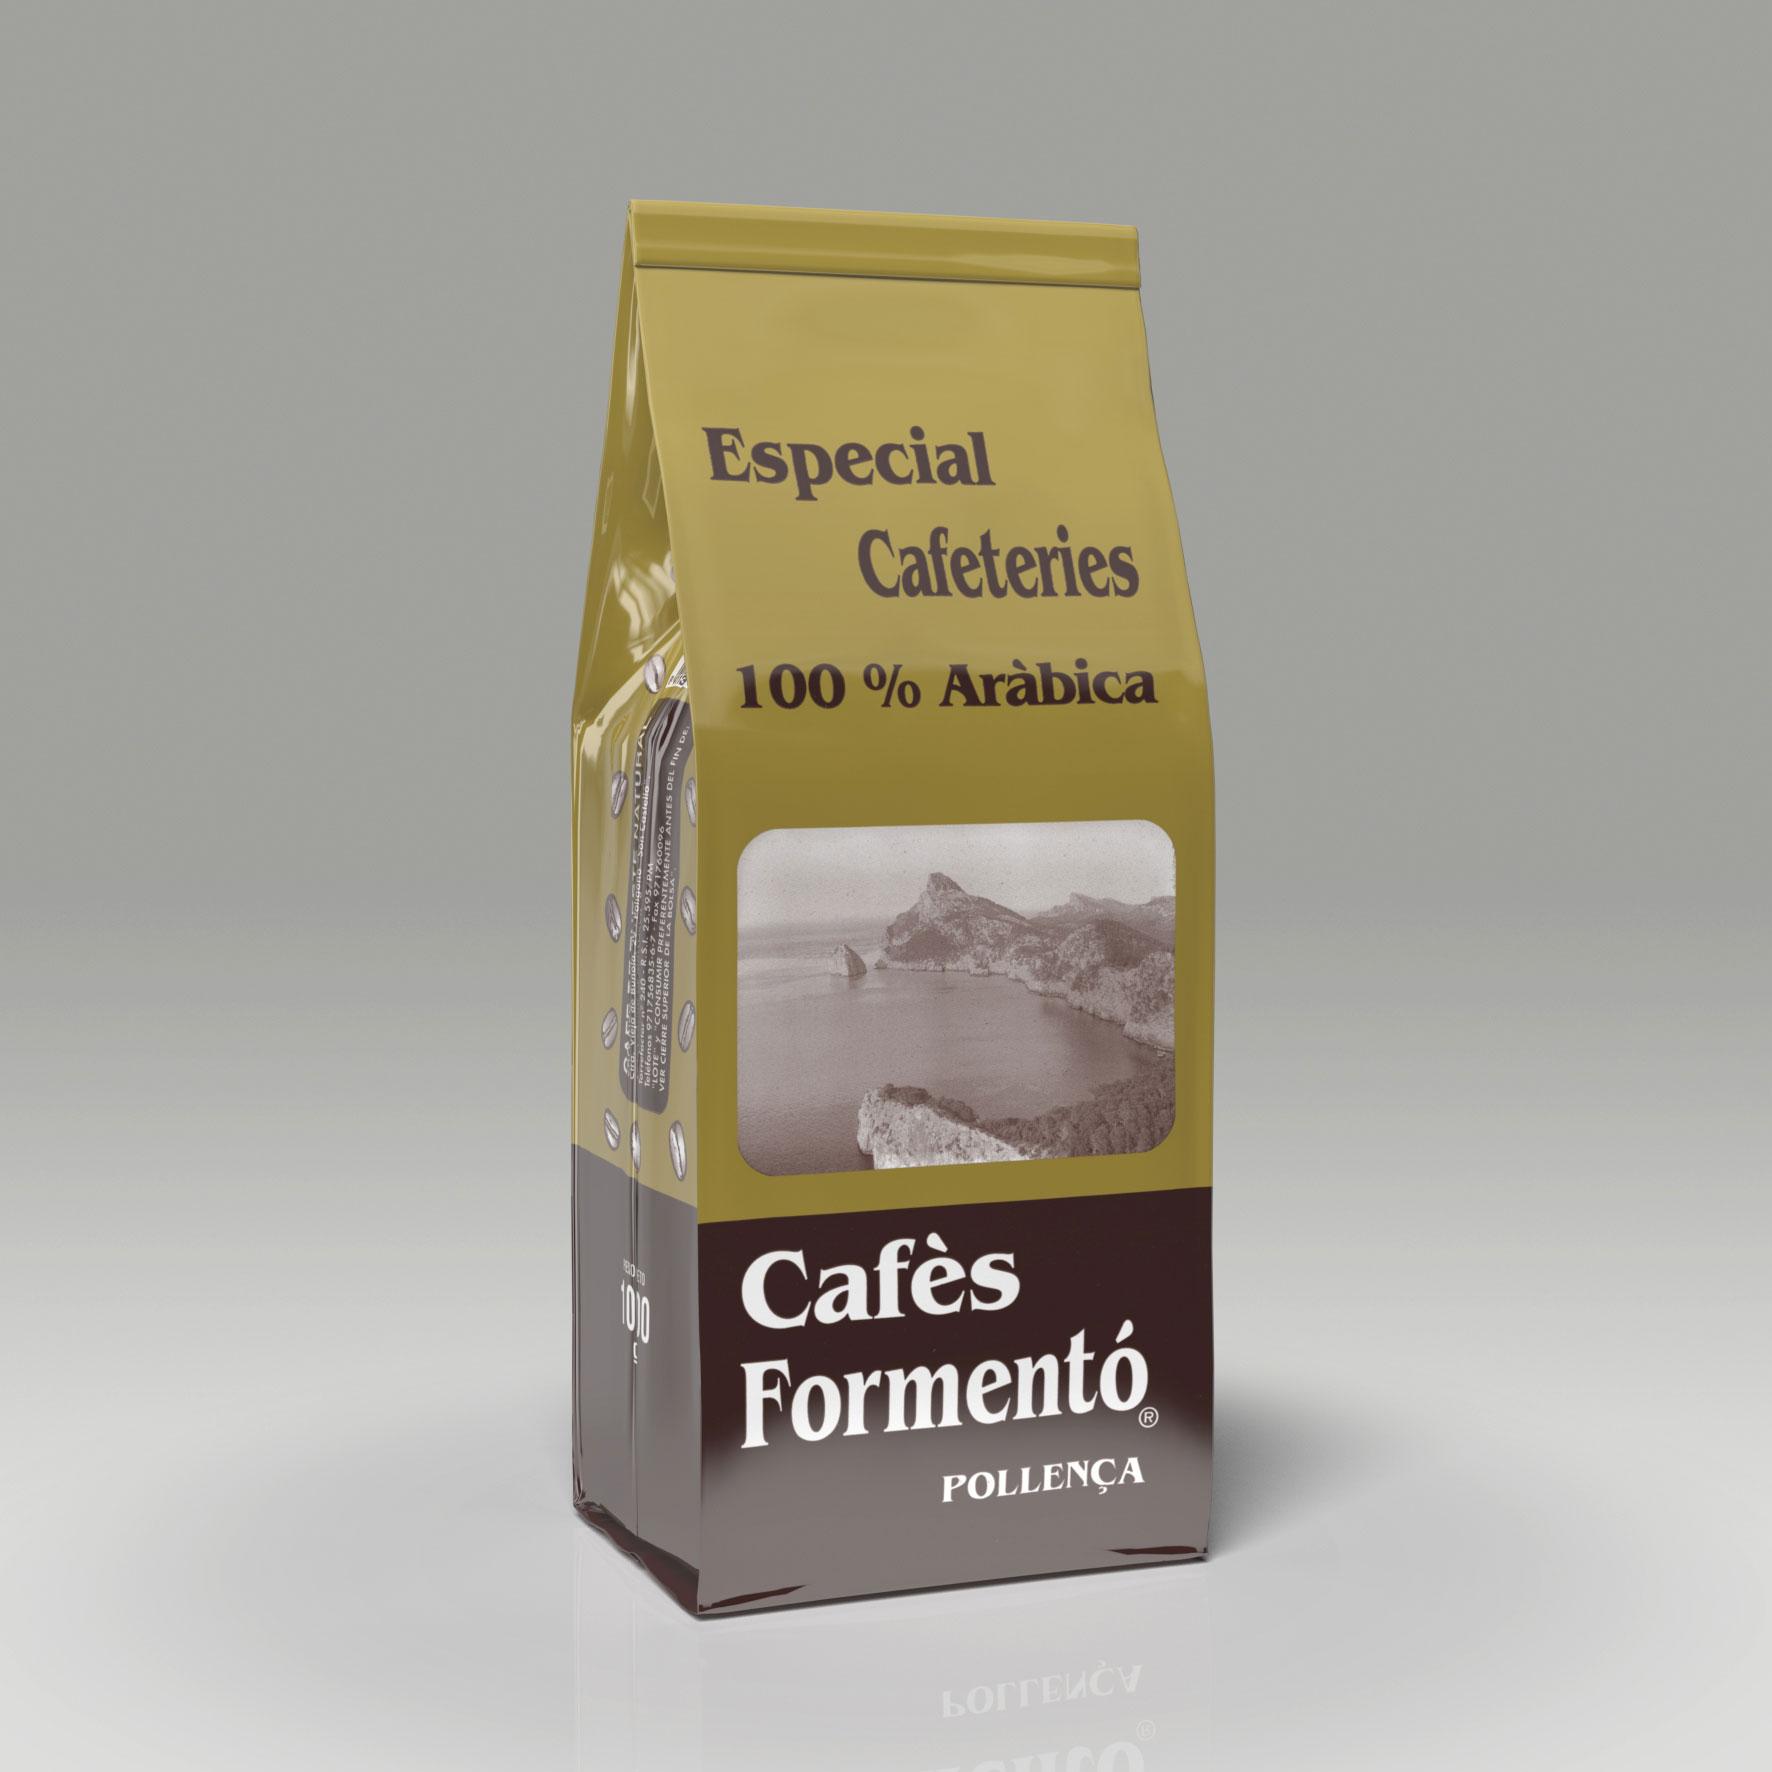 Cafes-Formento